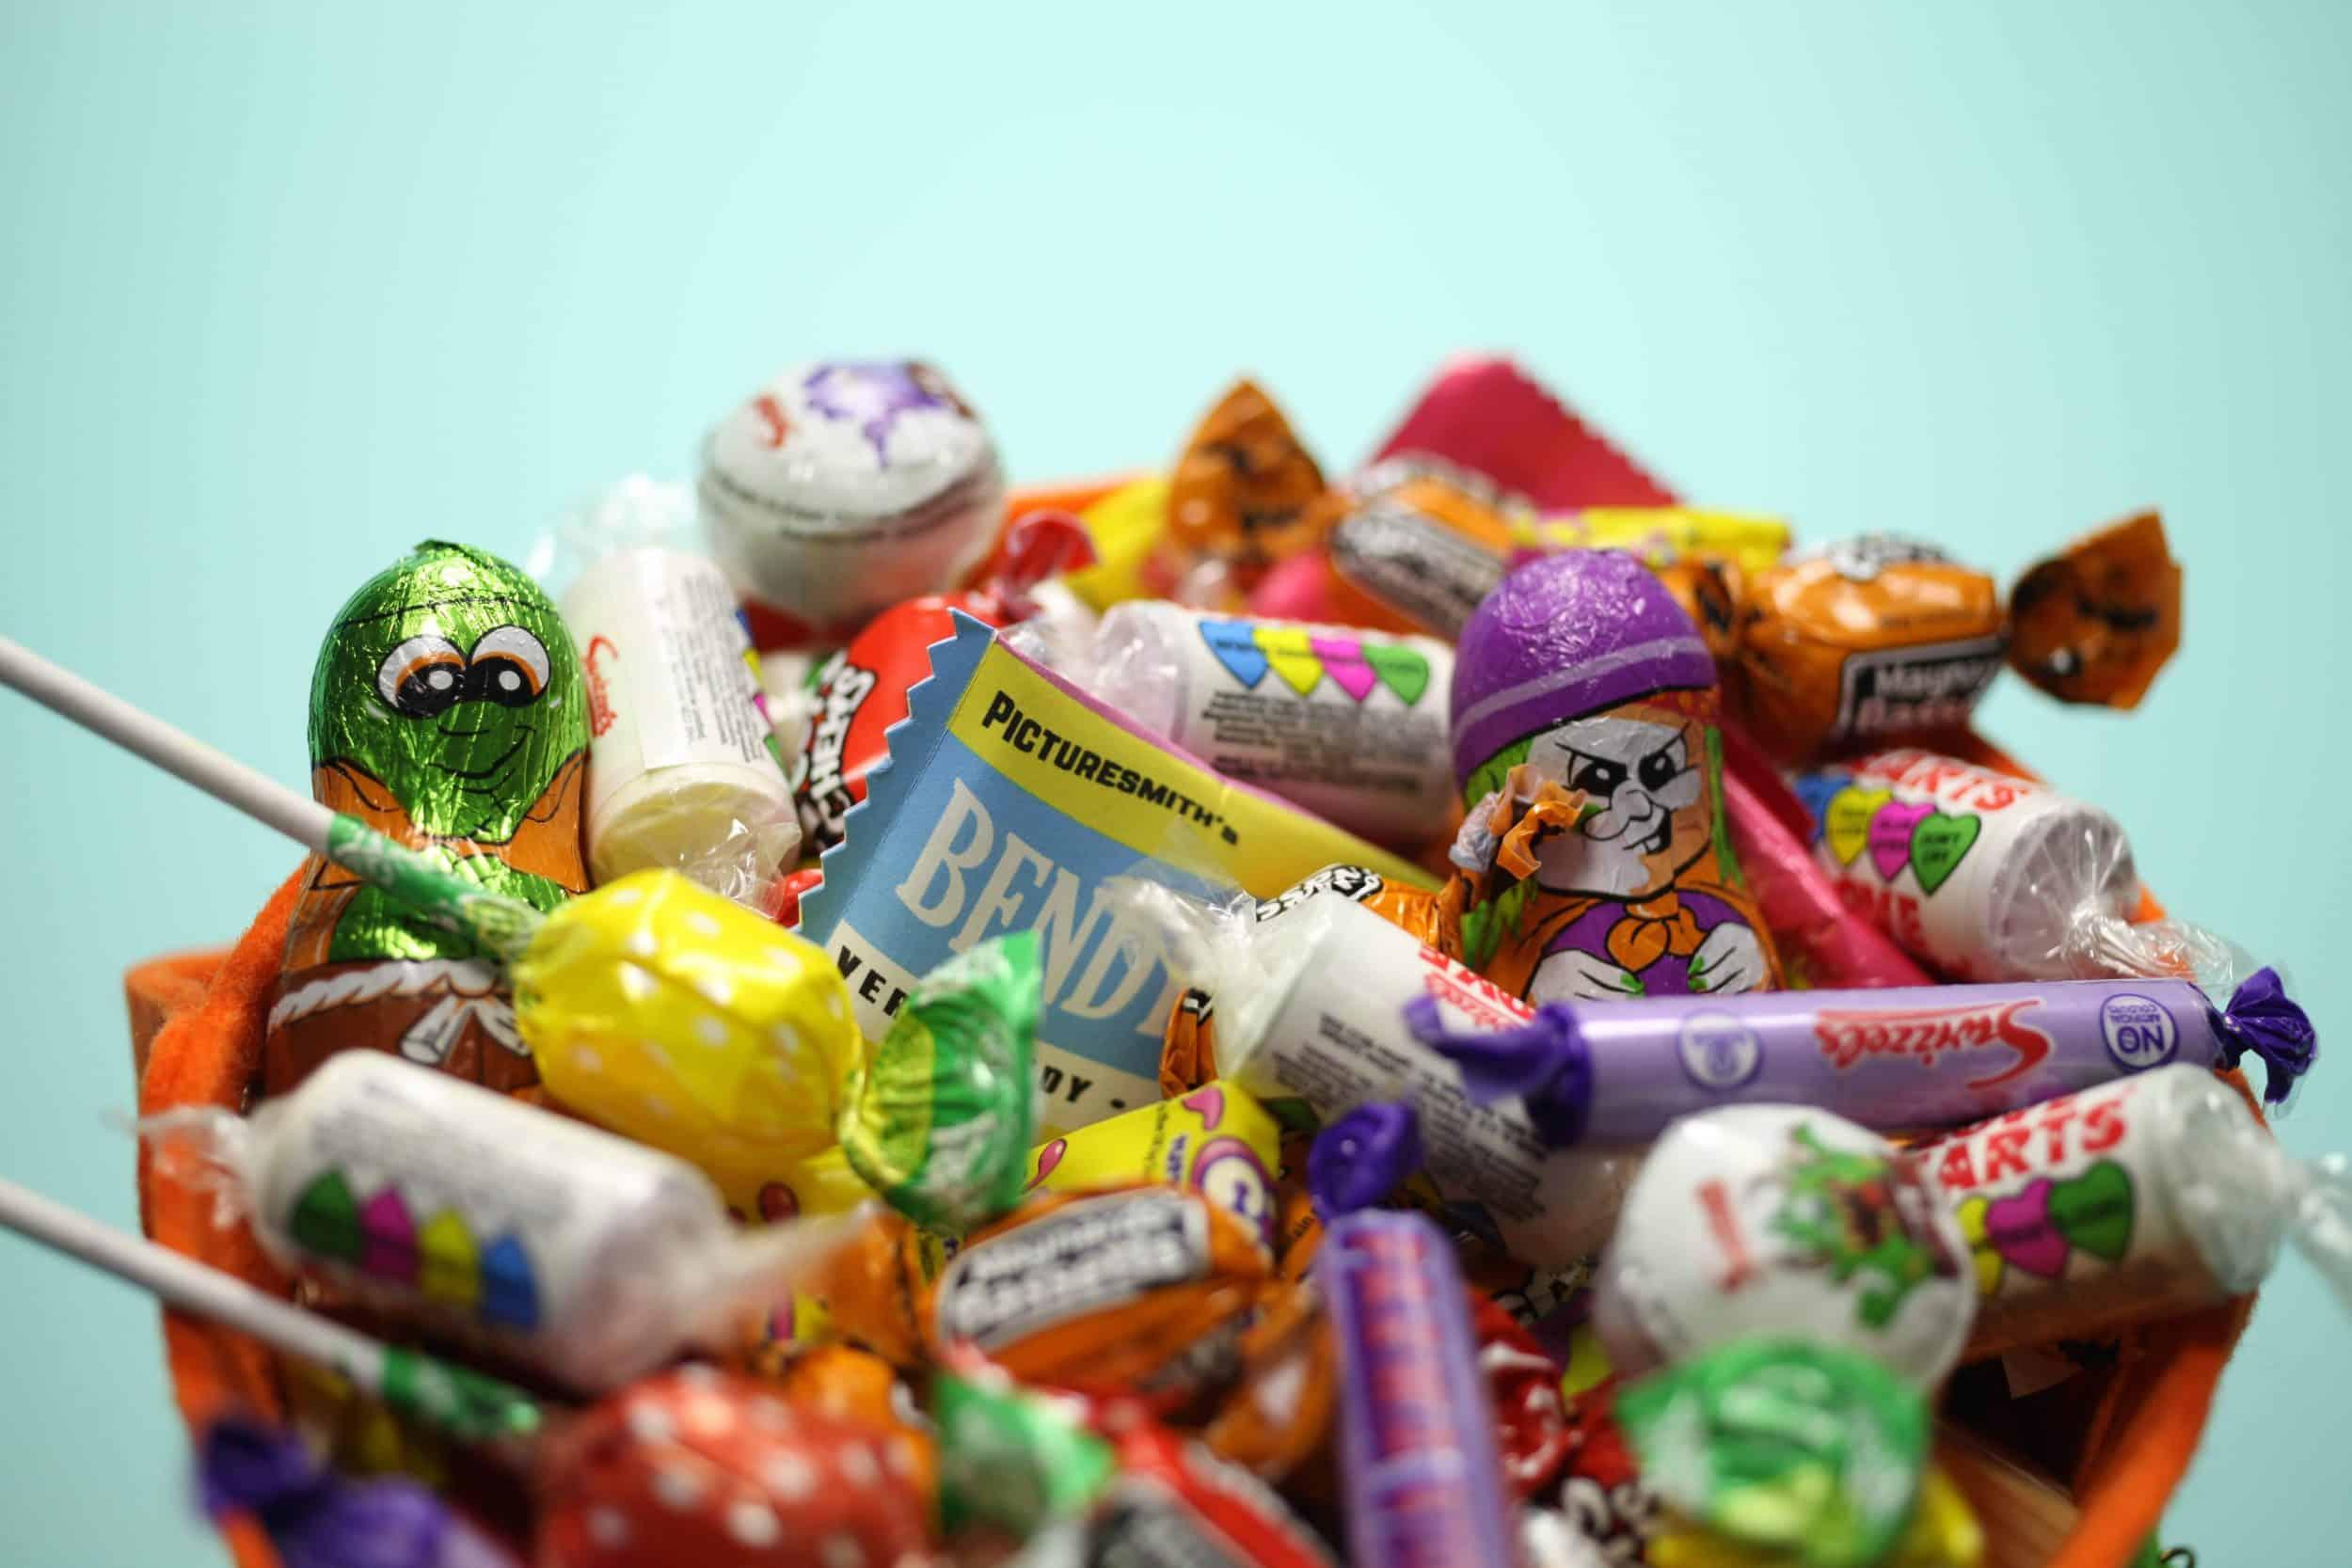 Bag of Halloween sweets